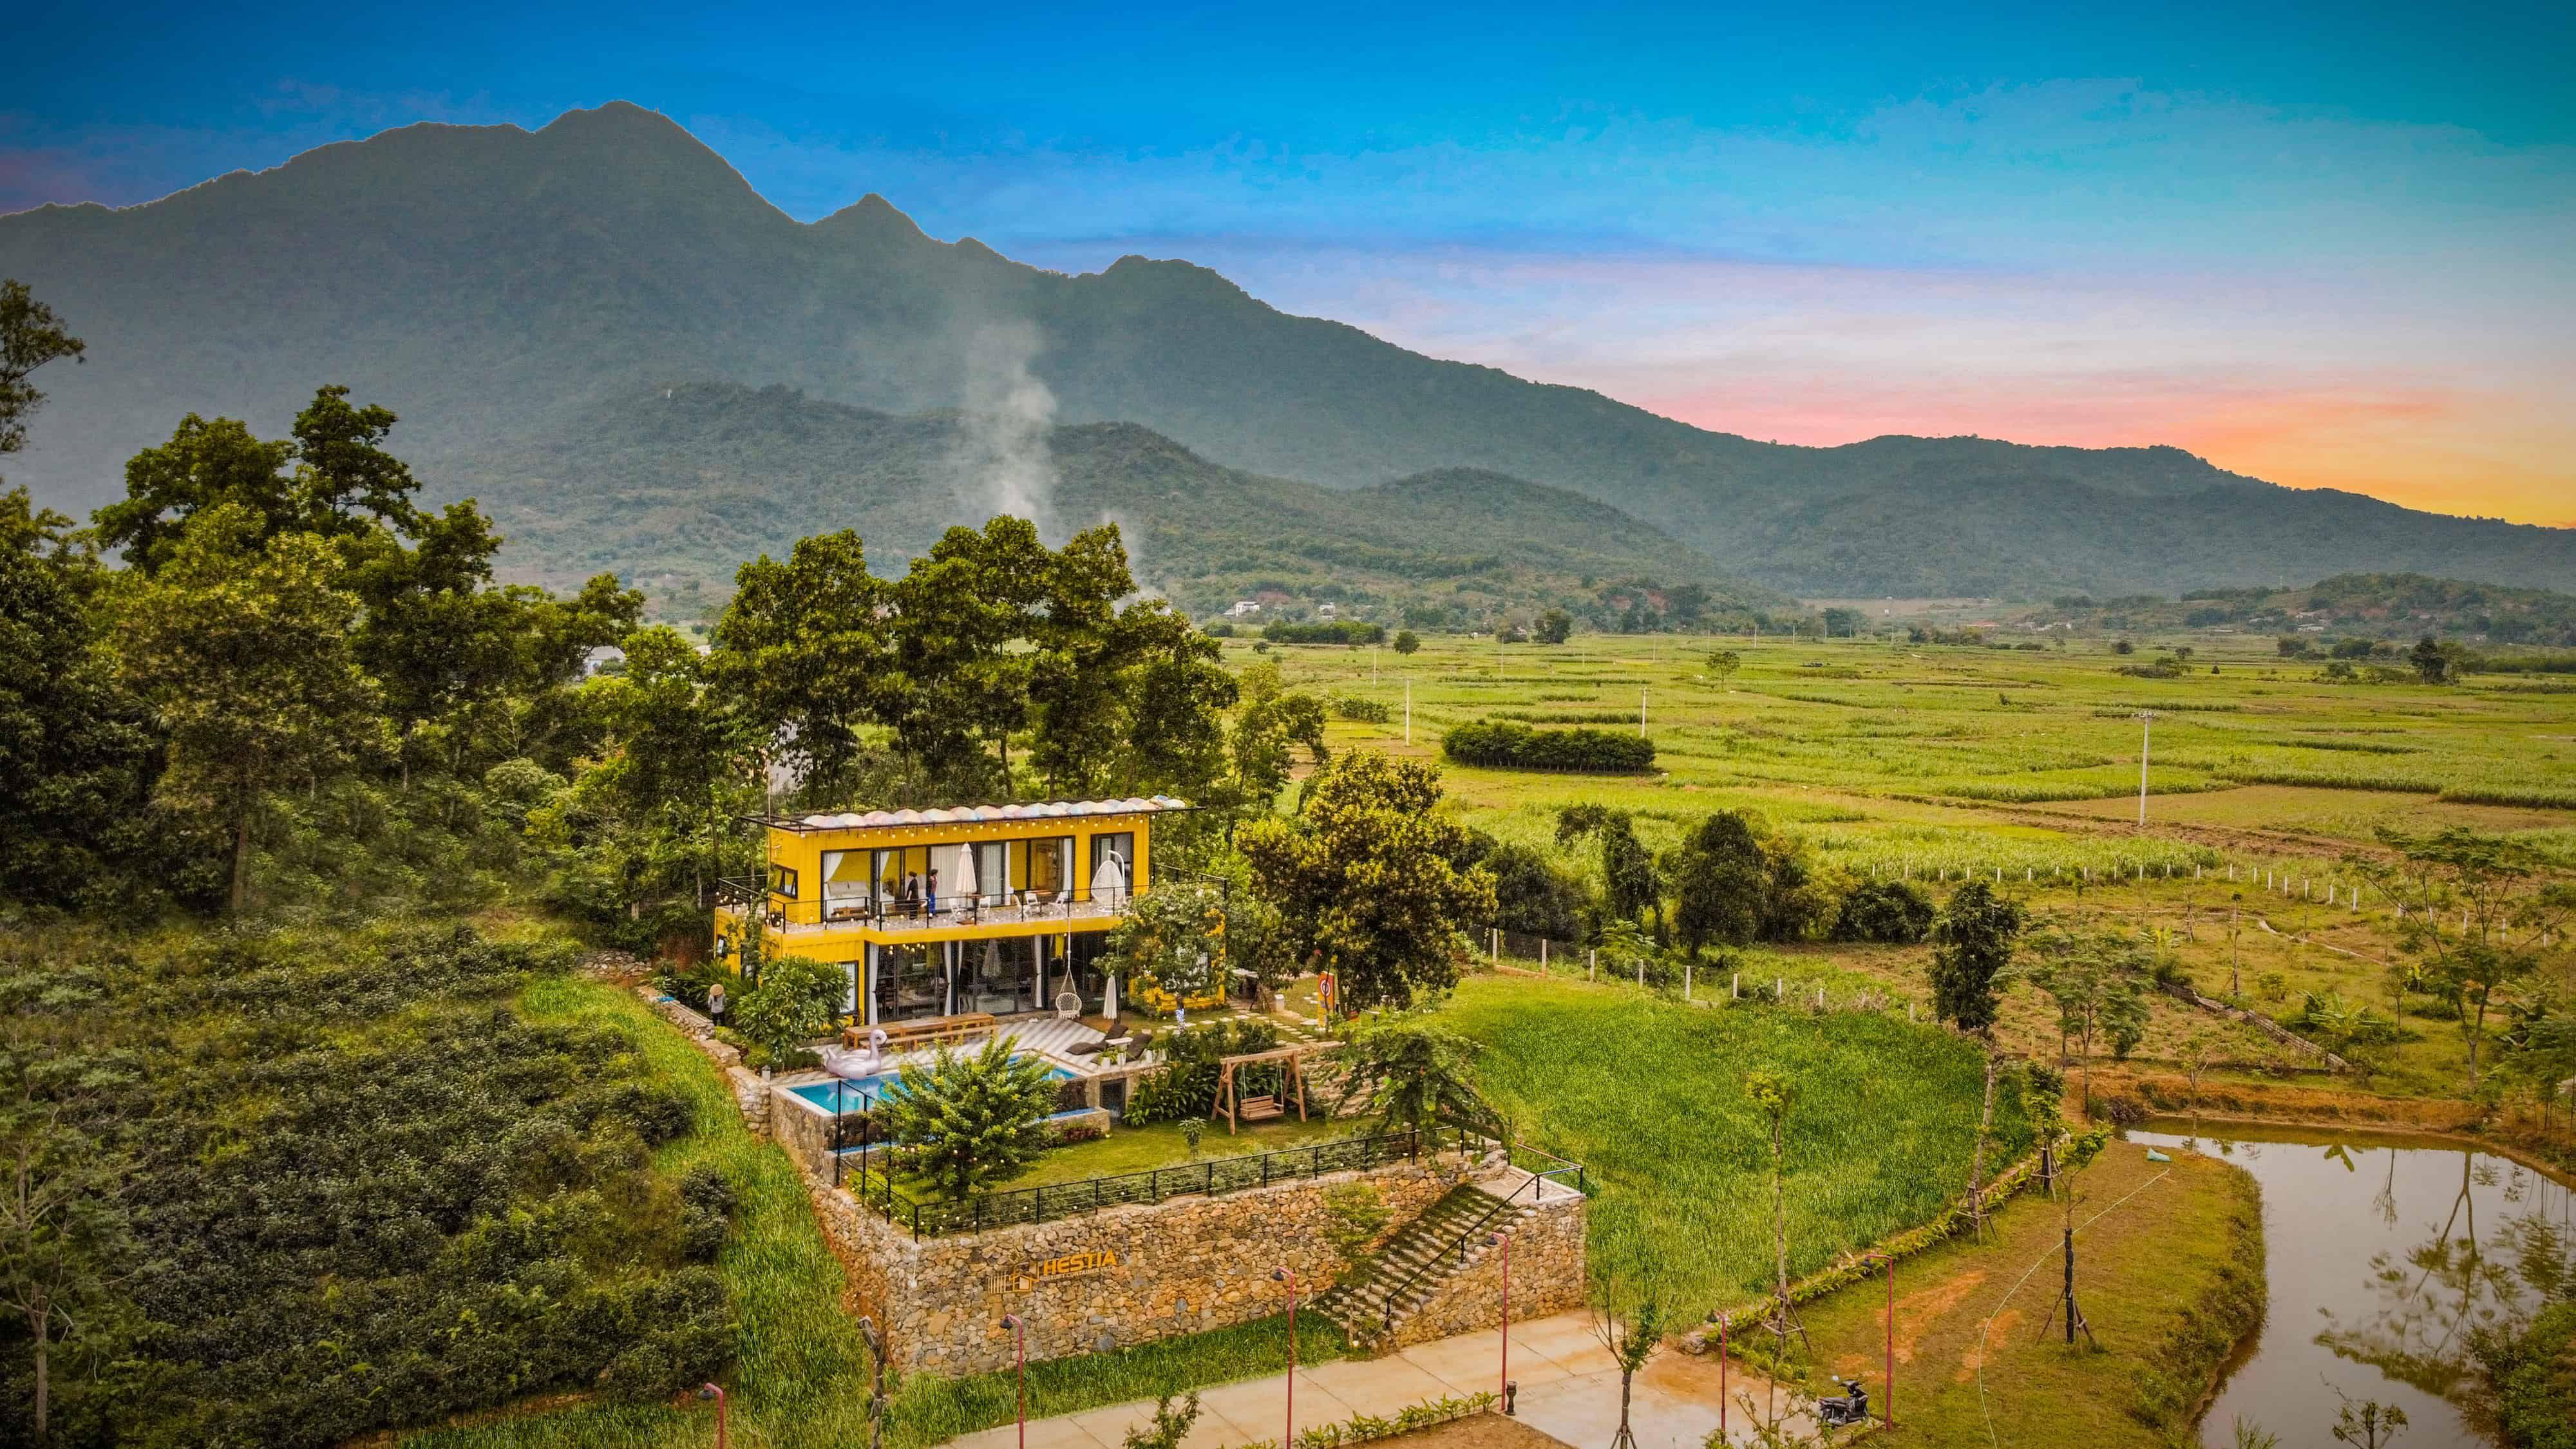 khong-gian-hestia-luxury-villa-homestay-ba-vi-ha-noi-01